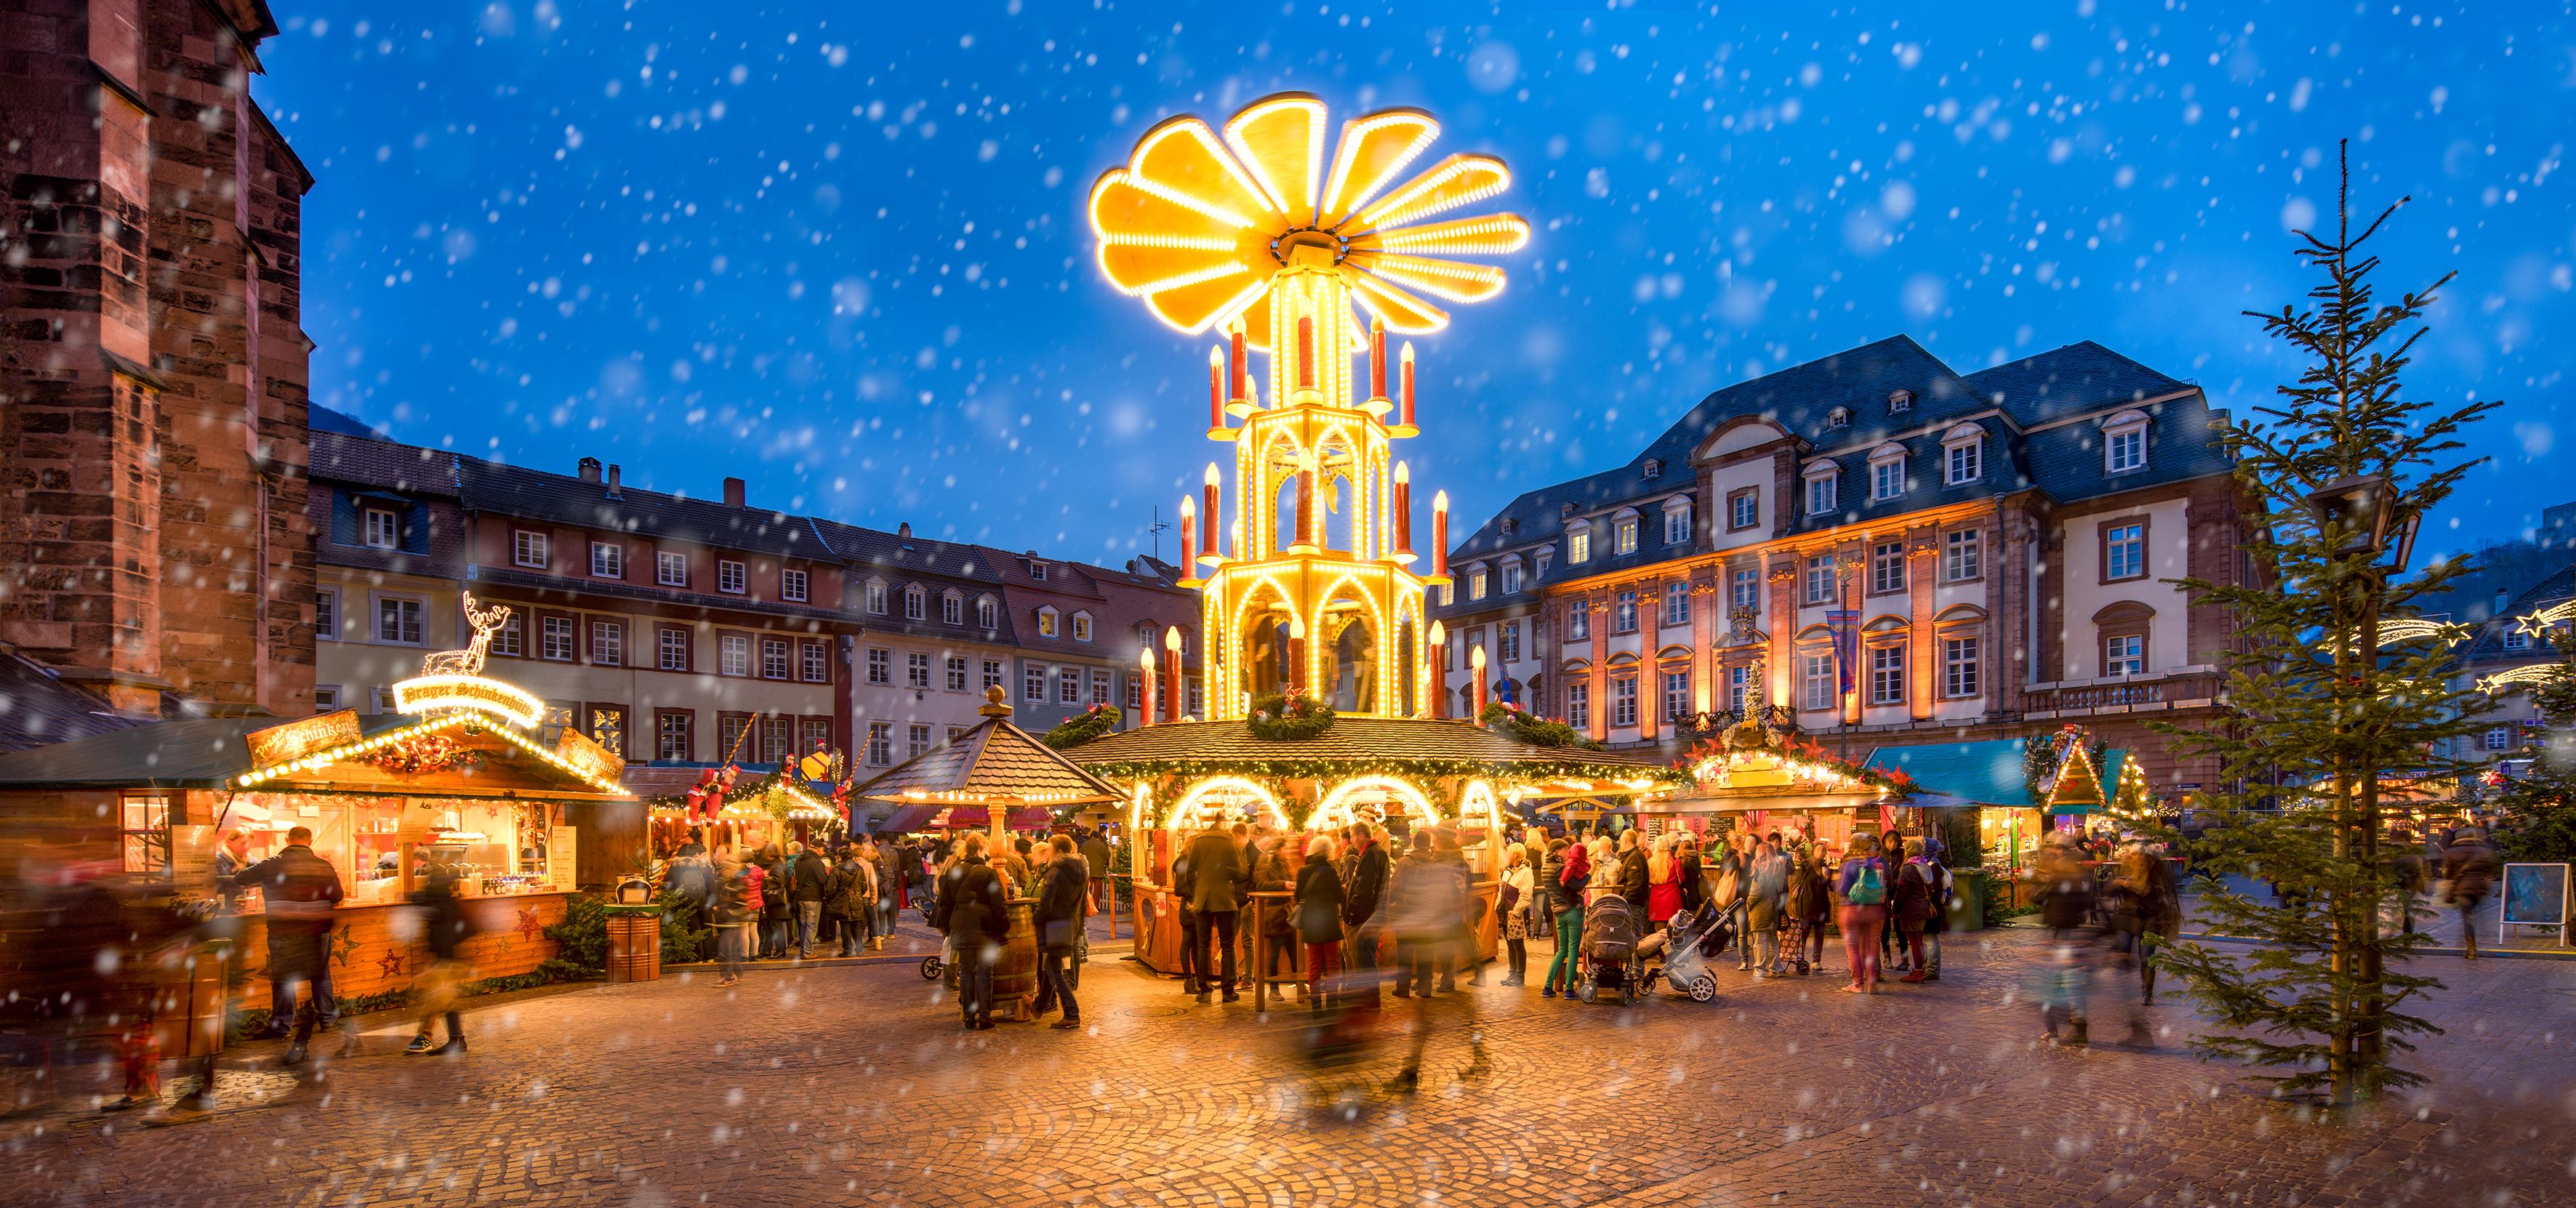 Heidelberg Weihnachtsmarkt.Heidelberg Zauberhafte Stimmung Auf Dem Heidelberger